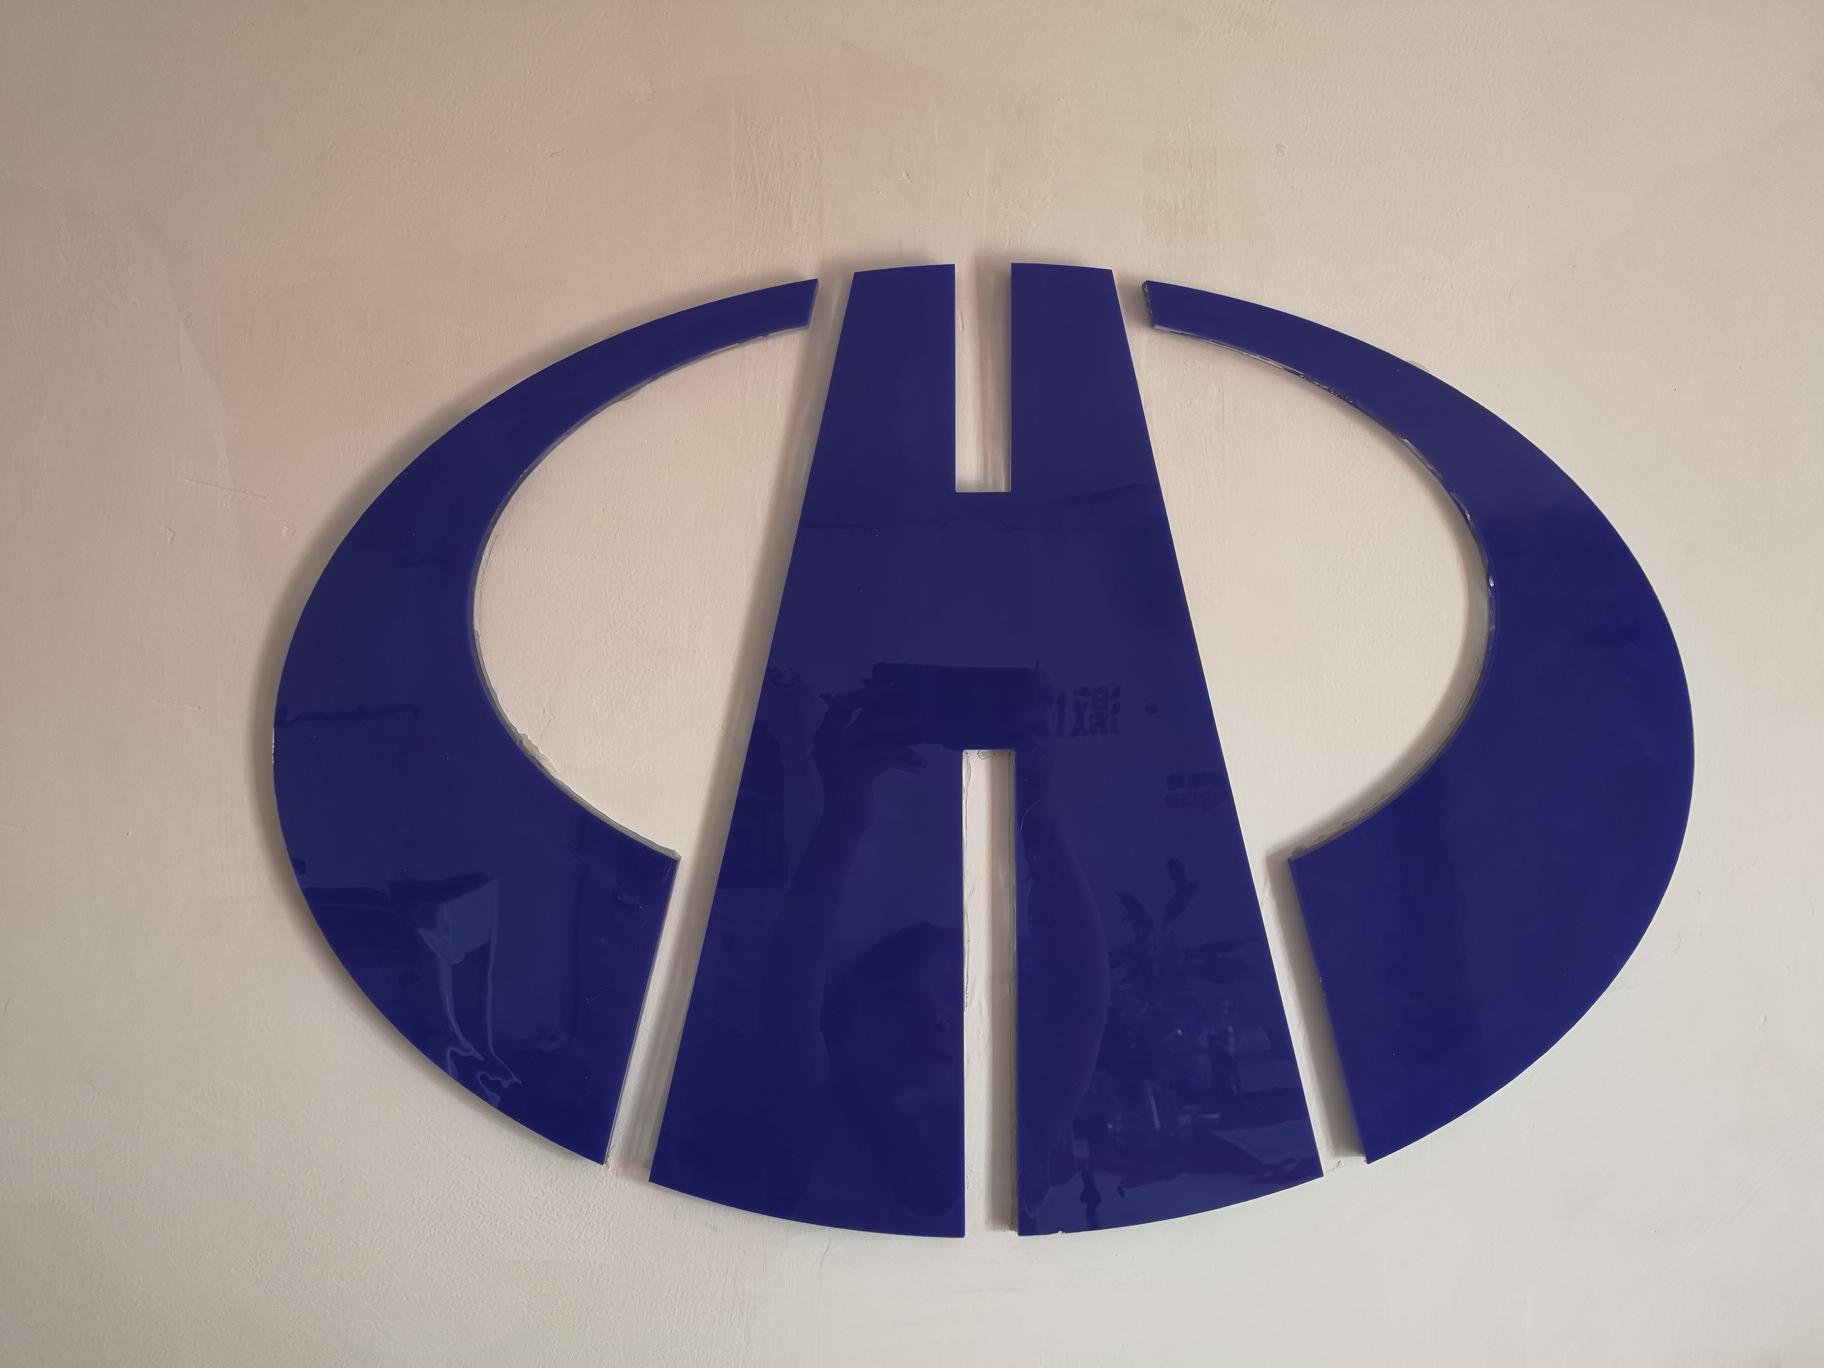 上海?#21453;?#26426;电工程有限公司武汉分公司logo